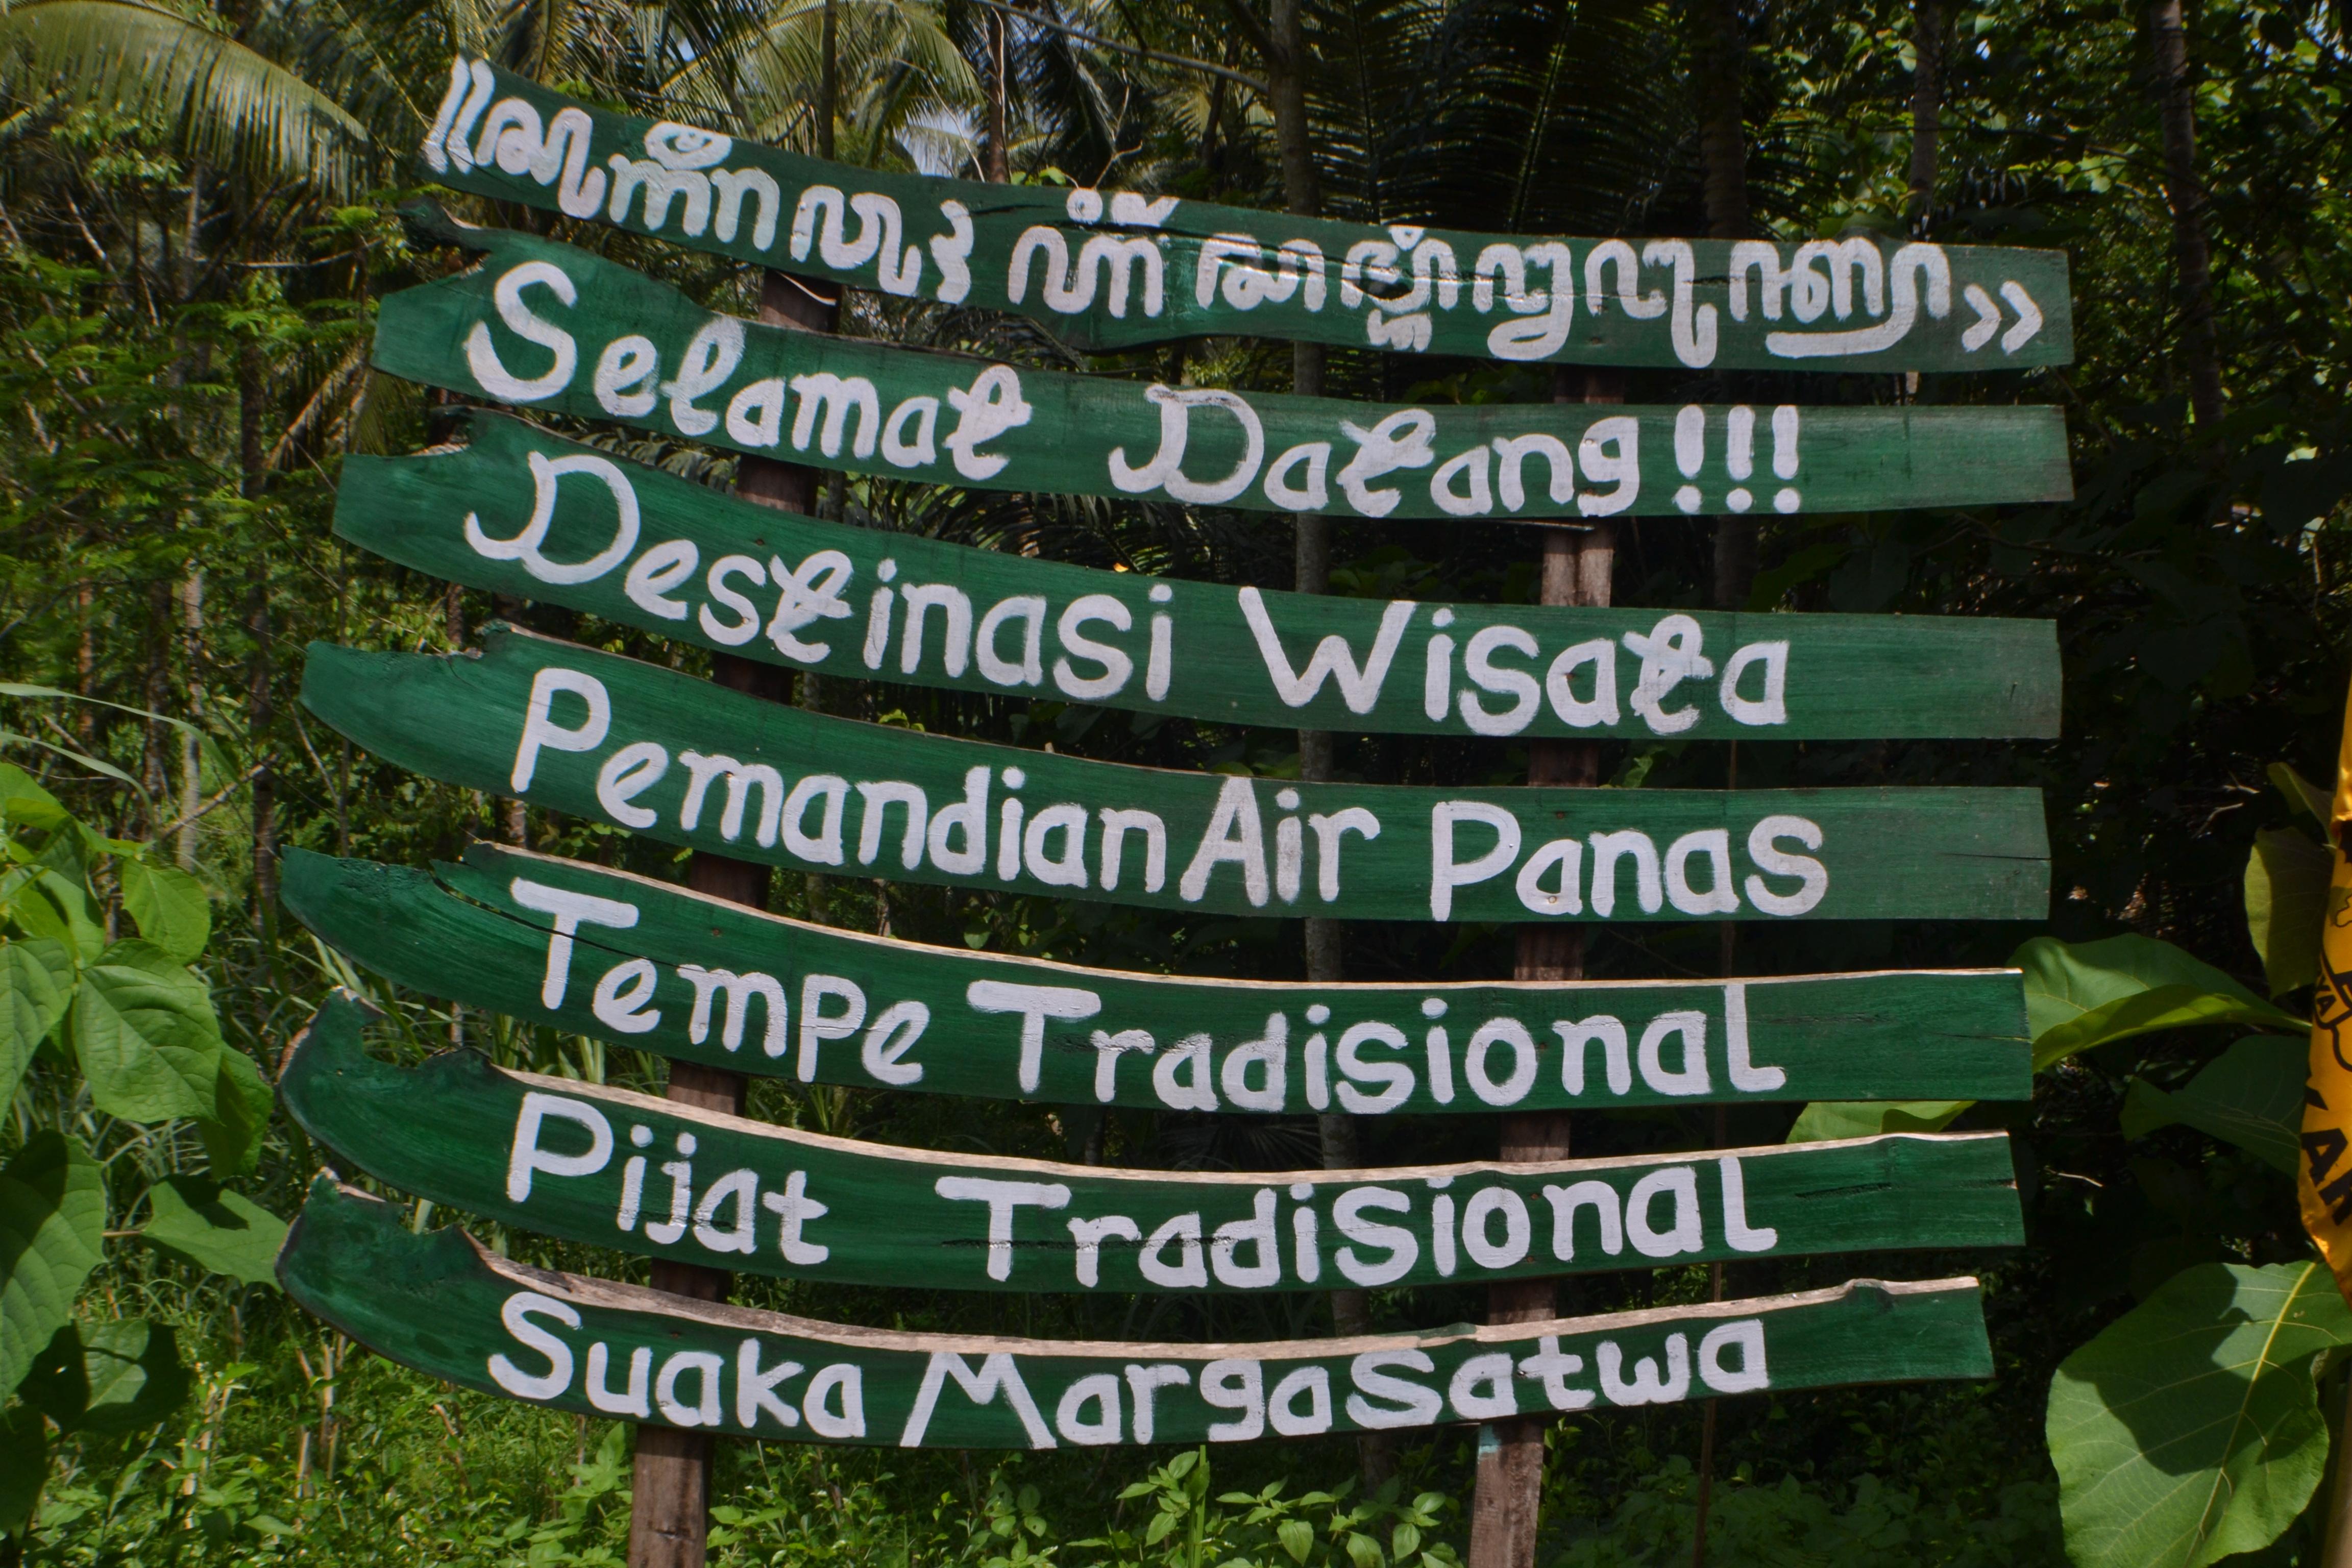 Desa Wisata Betisrejo Jajaran Pemerintah Masyarakat Jetis Menyambut Antusias Pengembangan